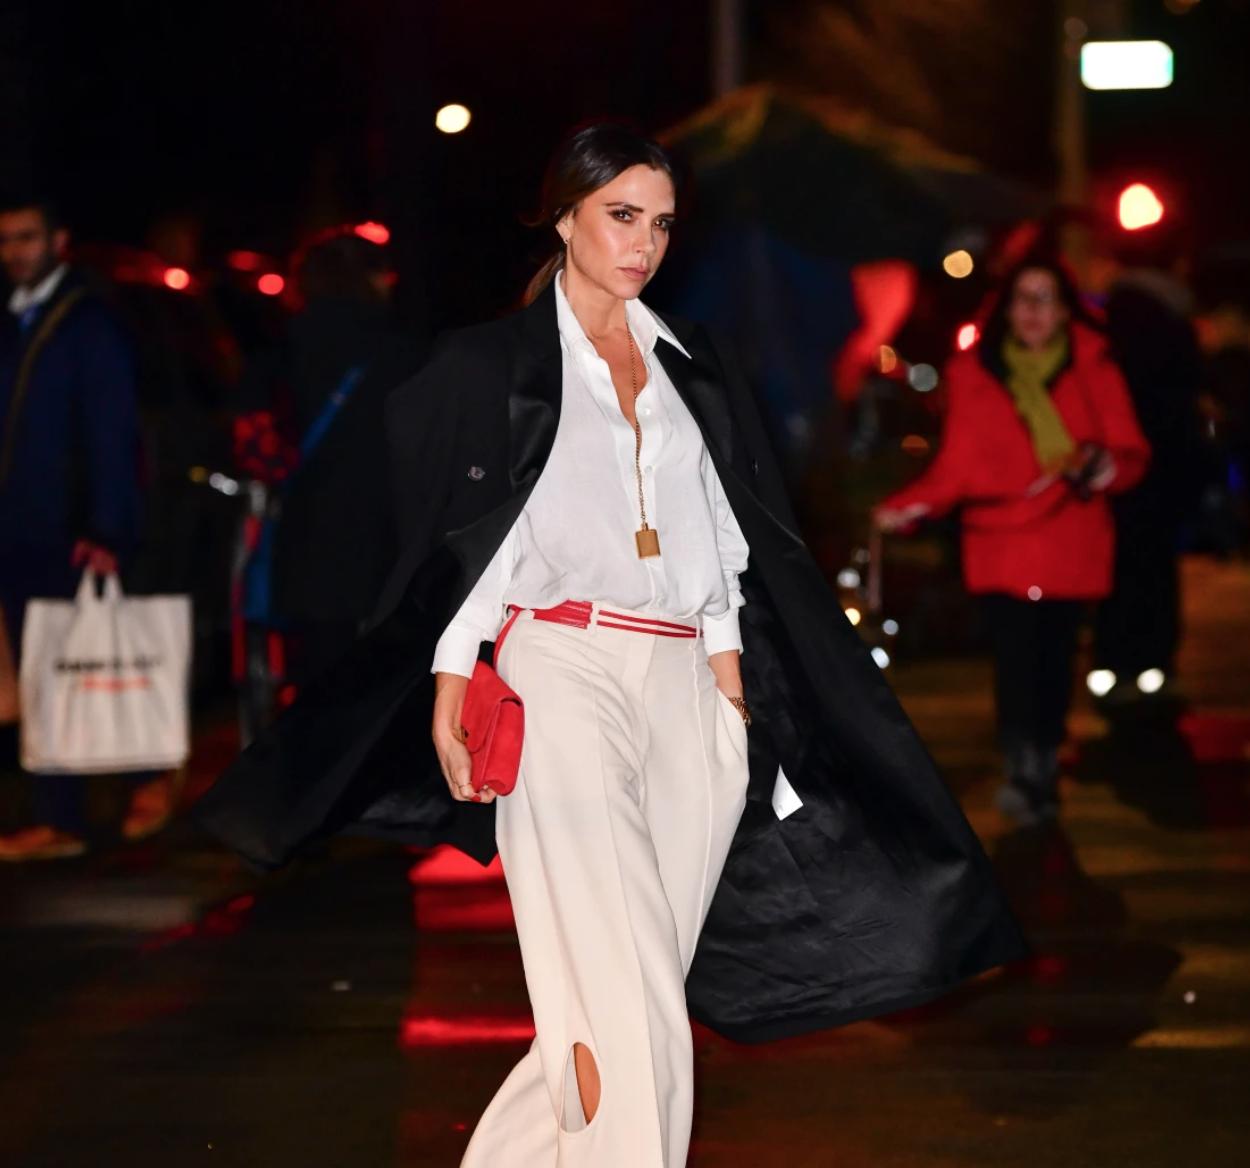 贝嫂同名品牌Victoria Beckham 在品牌重组中降价